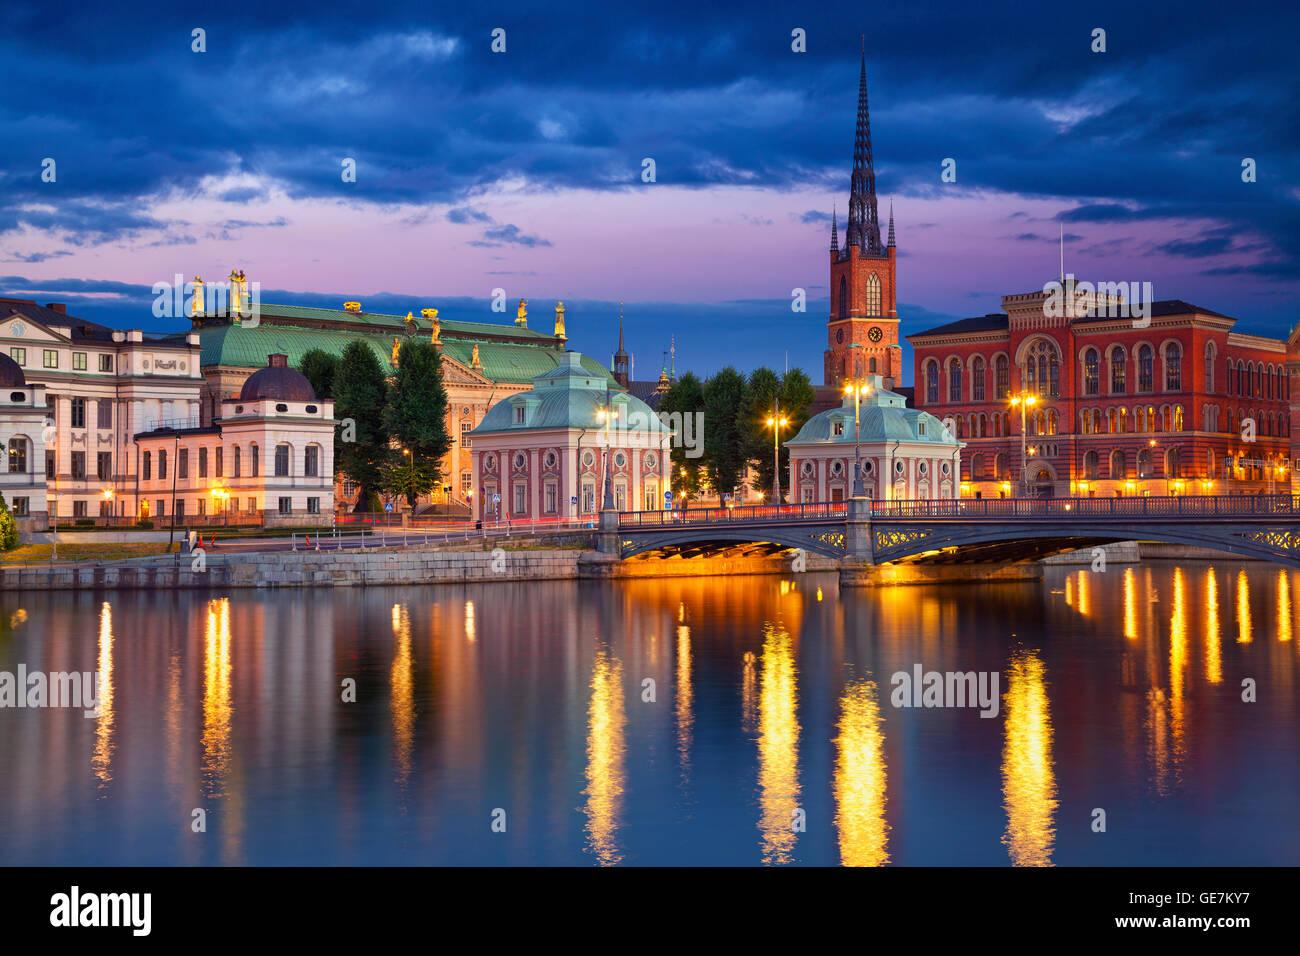 Stoccolma. immagine di Stoccolma in Svezia durante il blu crepuscolo ora. Immagini Stock